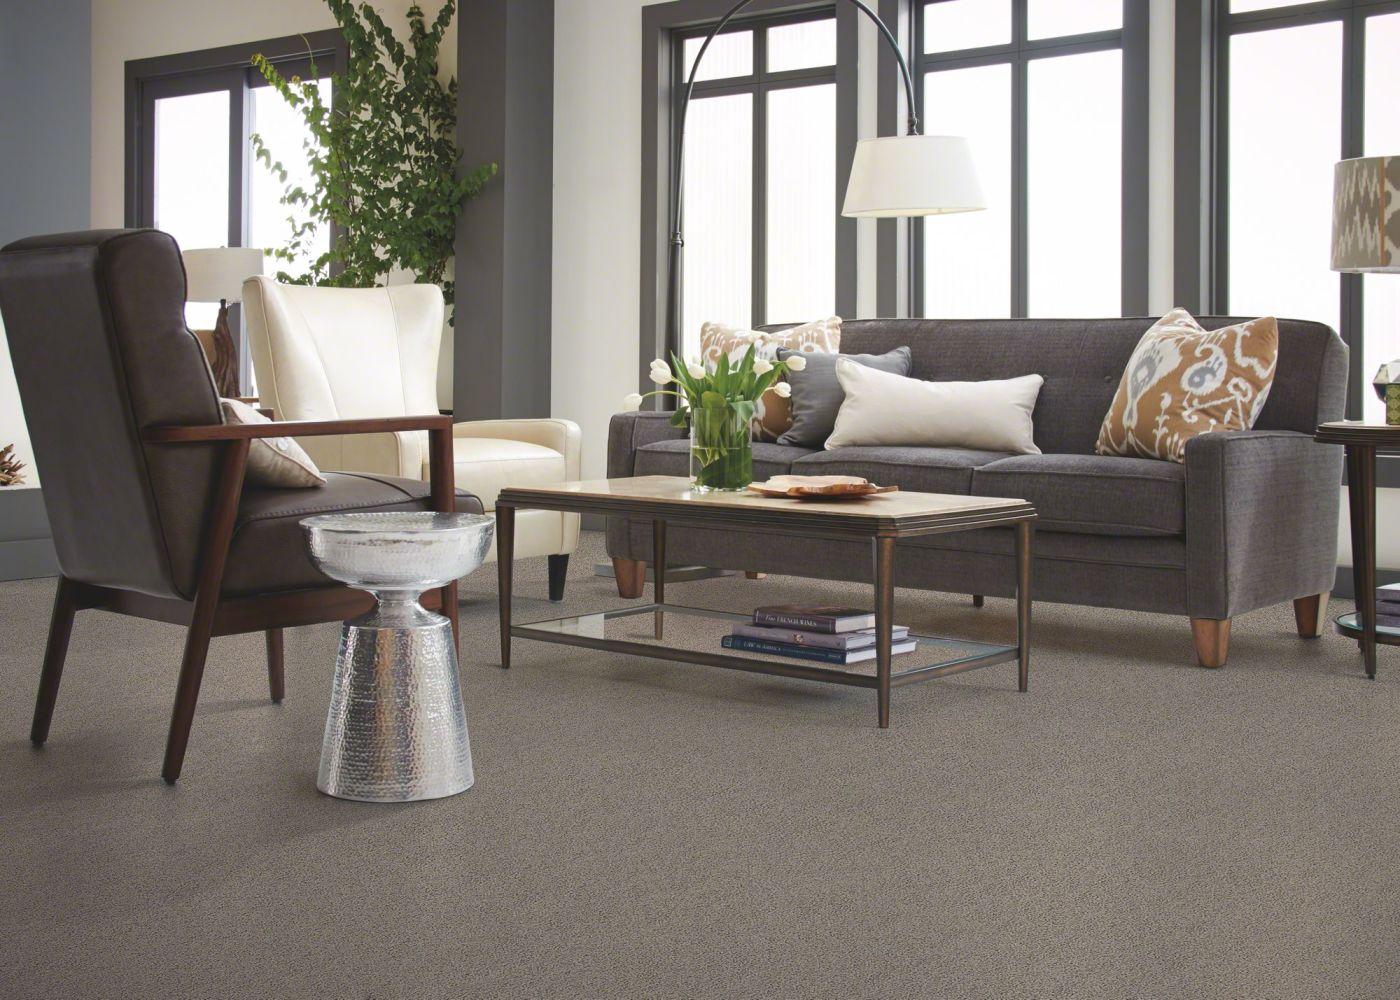 Shaw Floors My Choice I Rocky Coast 00750_E0650